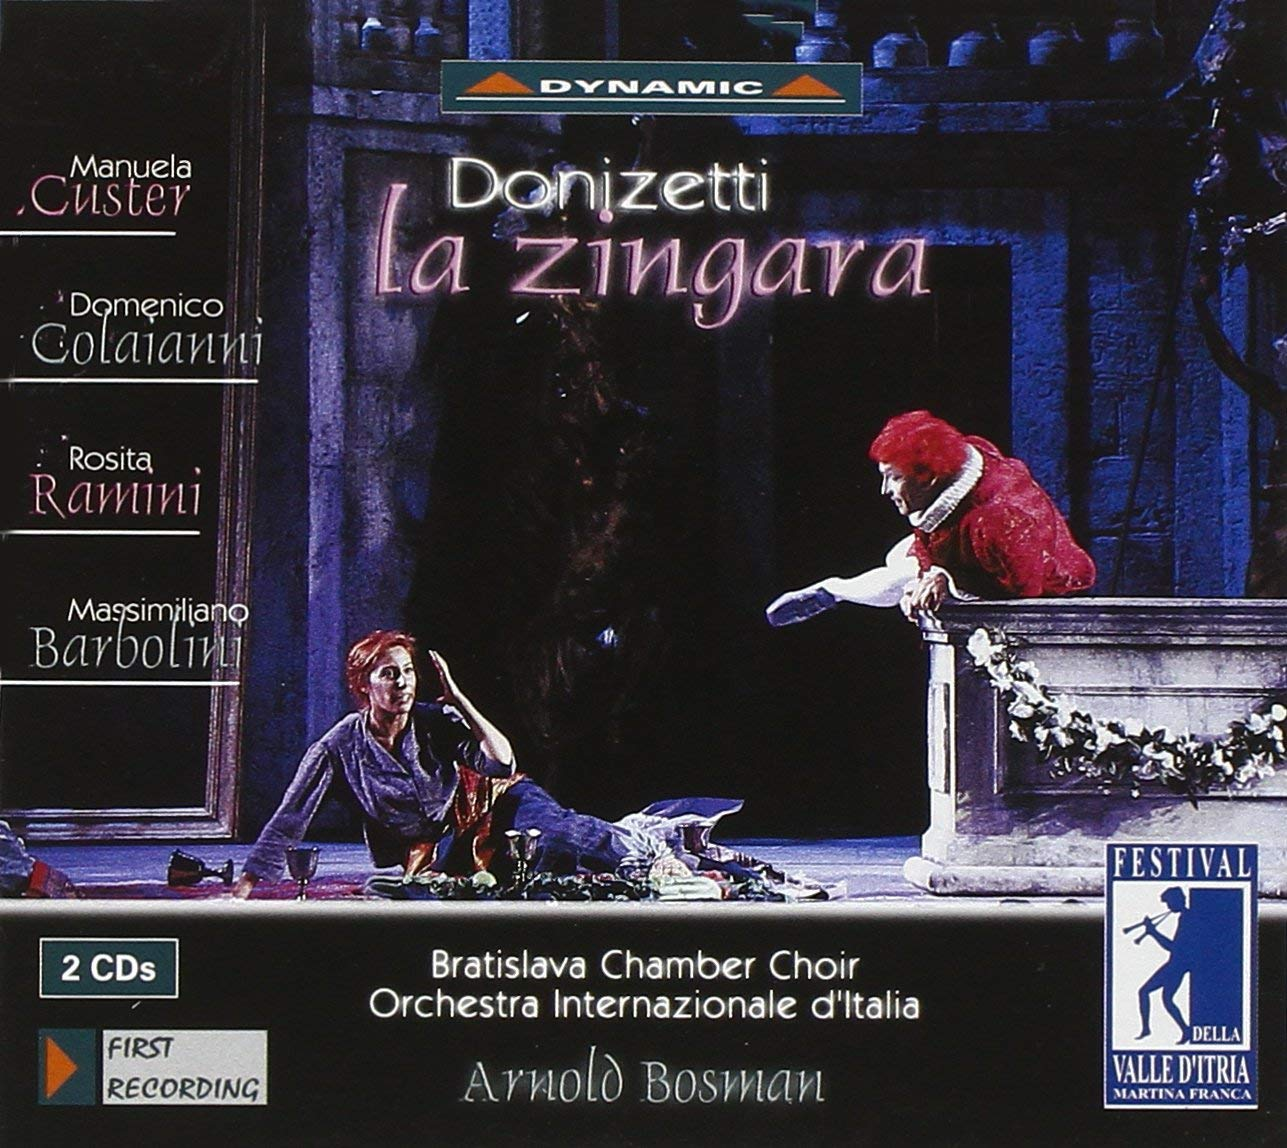 Donizetti - Custer, Colaianni, Ramini, Barbolini, Arnold Bosman La Zingara Vinyl